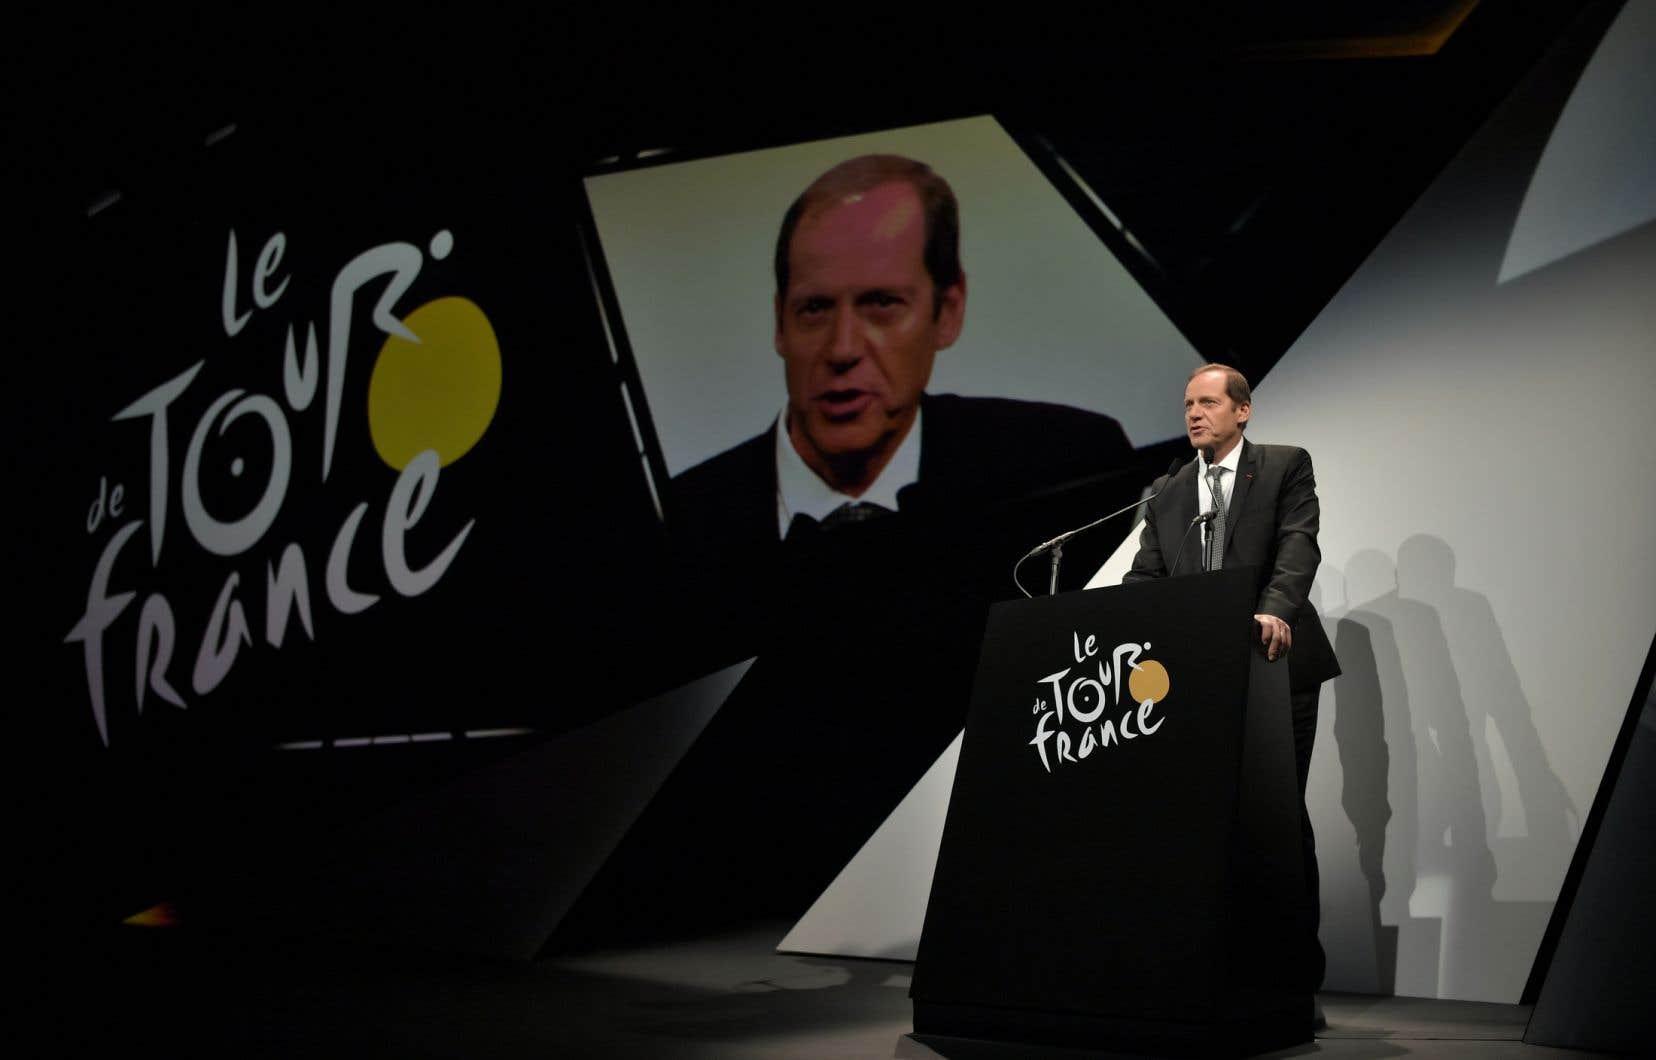 Le directeur du Tour de France, Christian Prudhomme